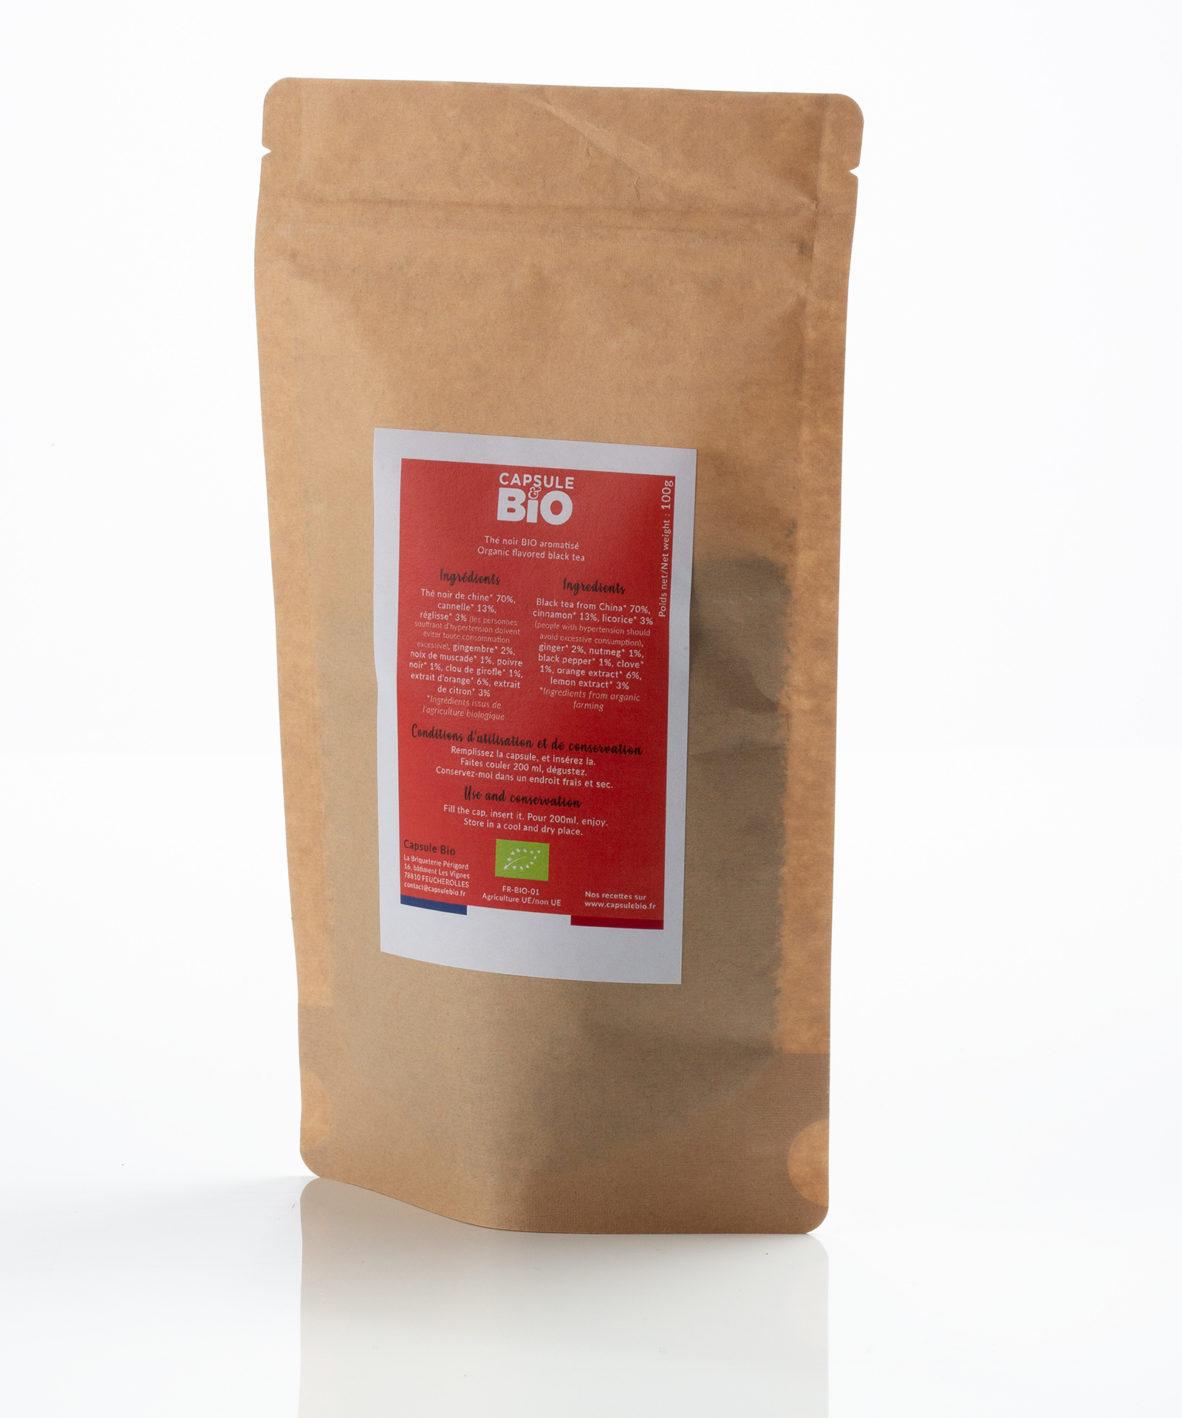 Capsulebio sachet thé en vrac recette thé noir chaï bio